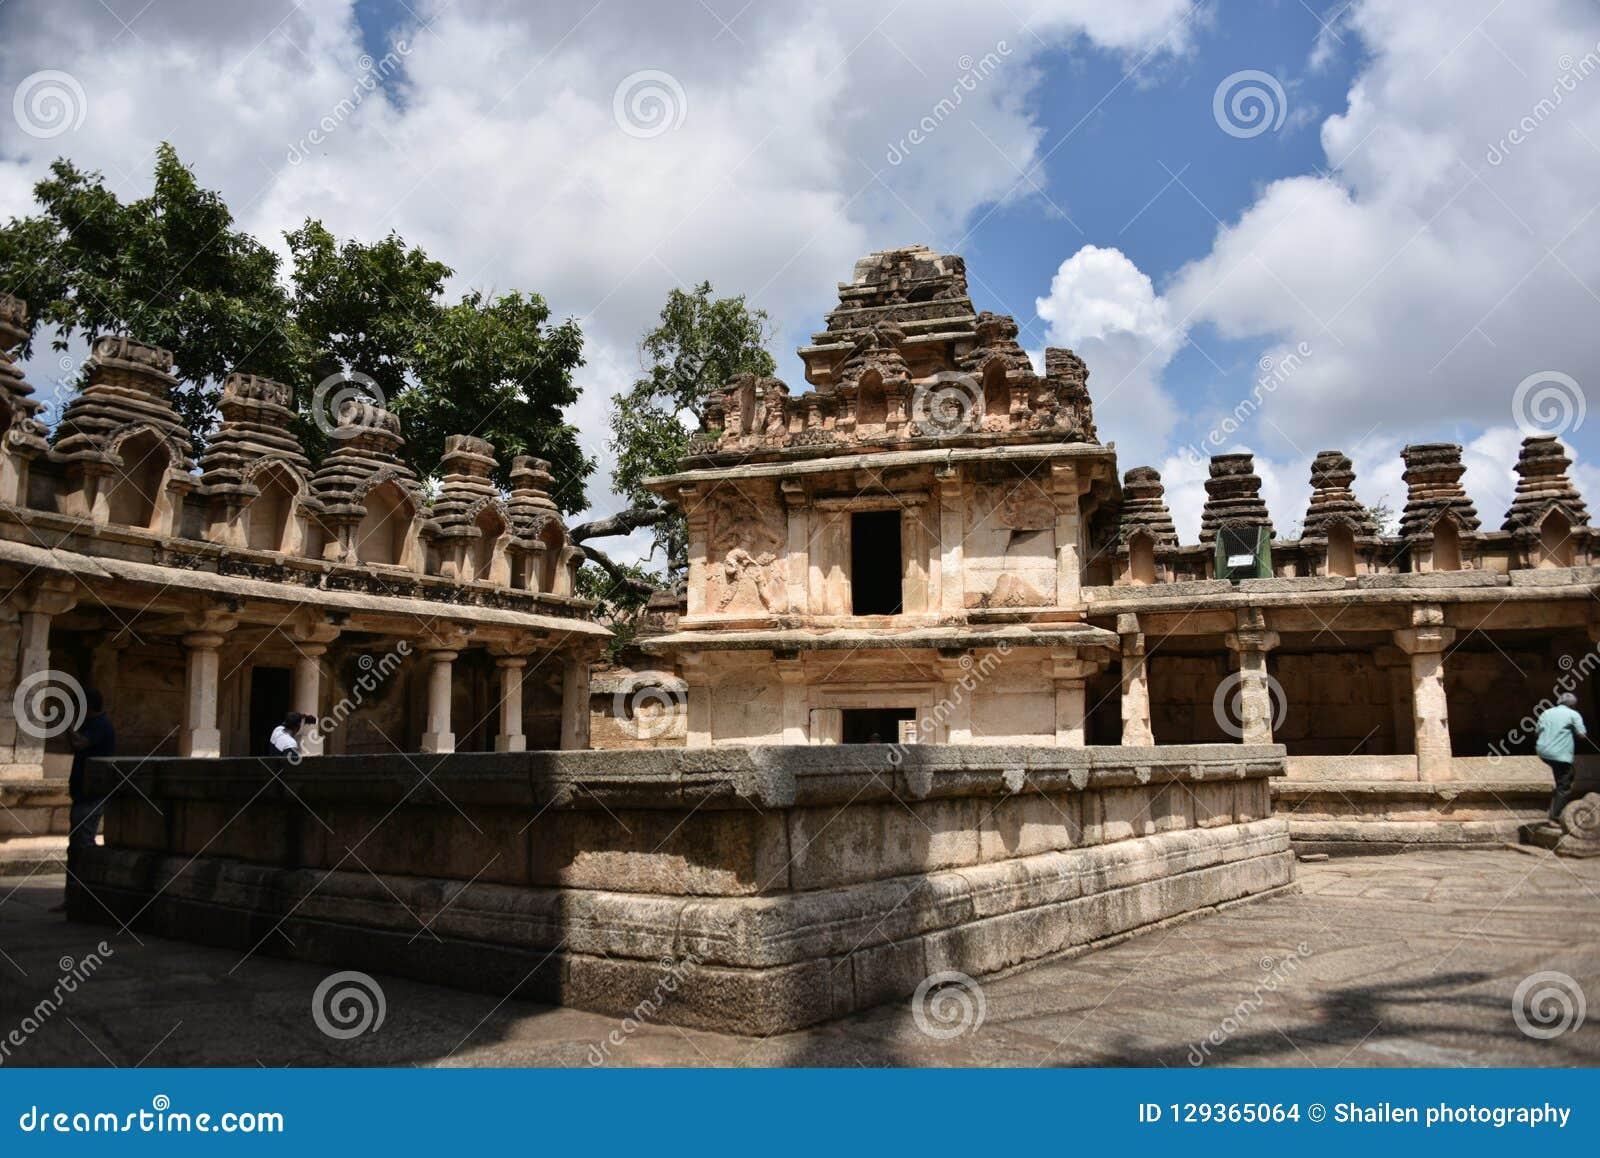 Chitradurga fortu zabytki i ruiny, Karnataka